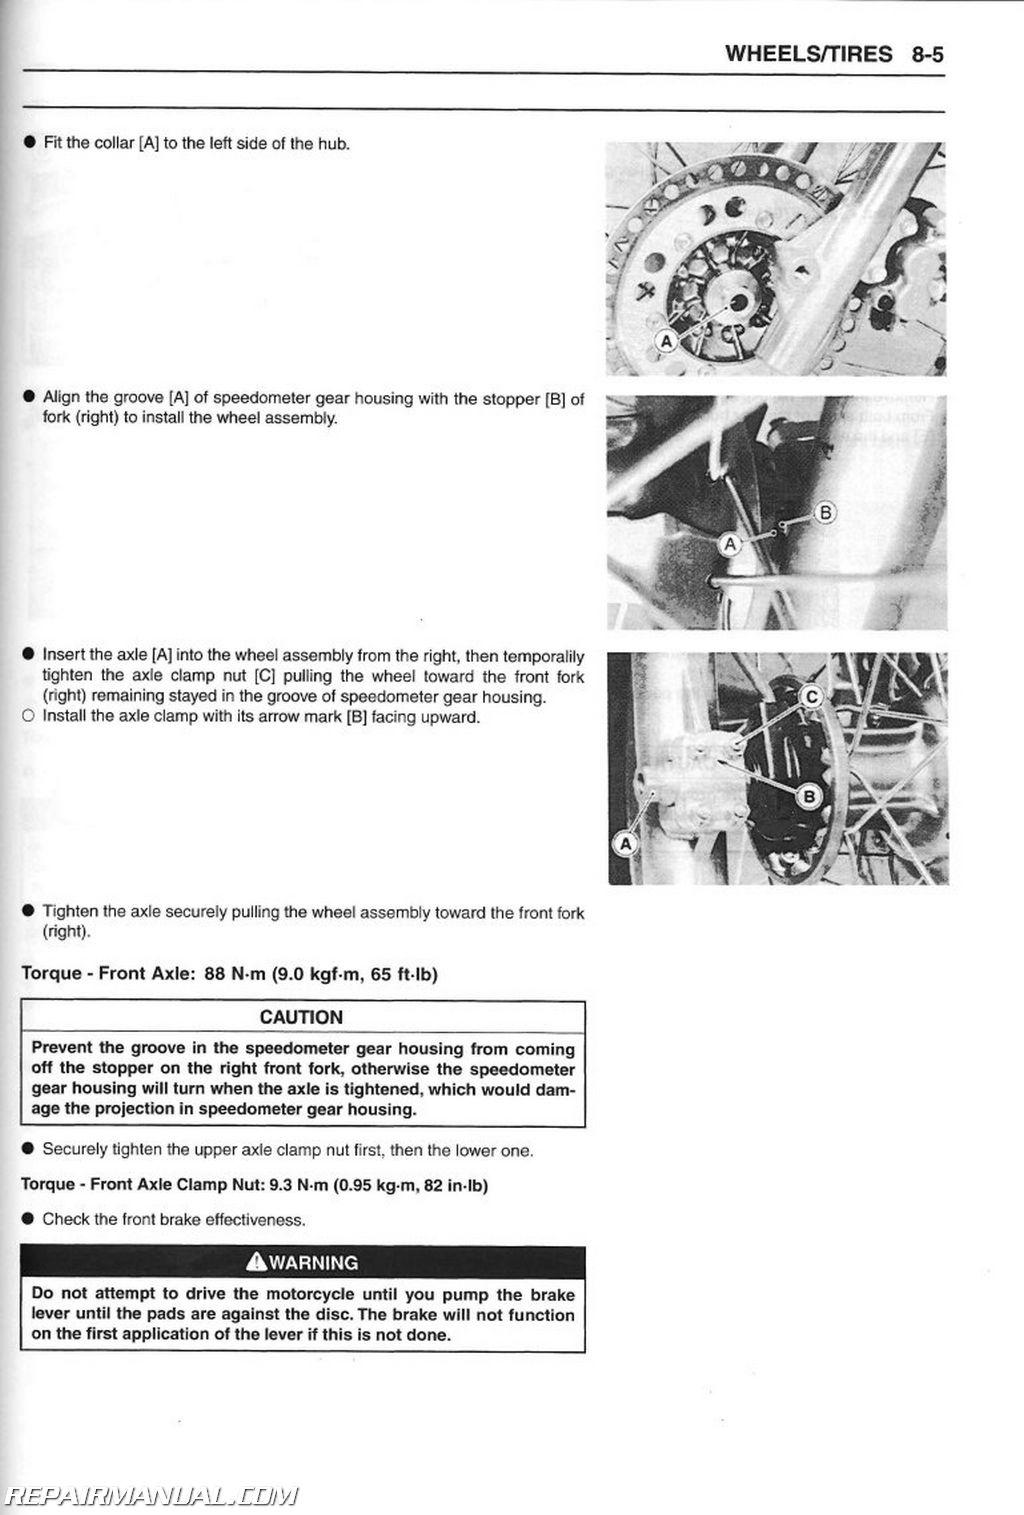 1997 2010 kawasaki kl250g super sherpa motorcycle service manual rh repairmanual com super sherpa service manual super sherpa repair manual